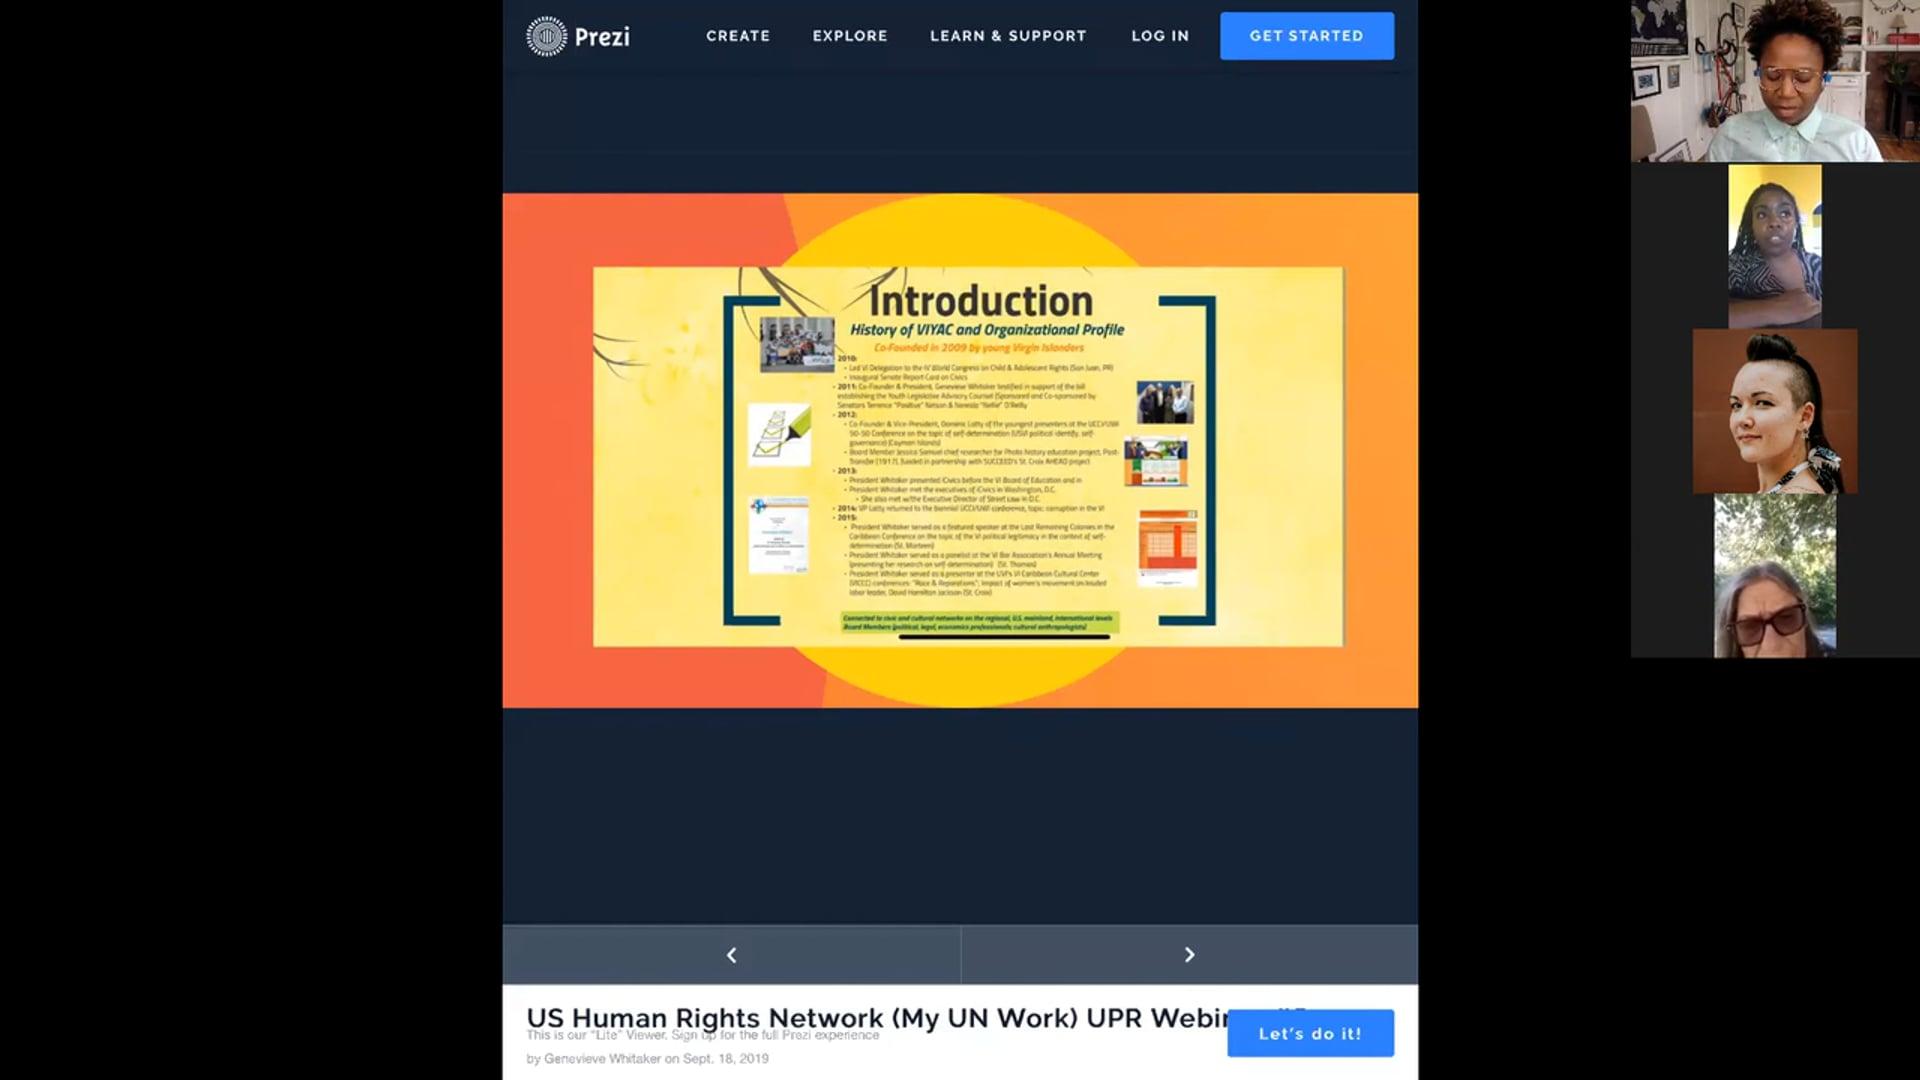 UPR Webinar #6 - September 18, 2019